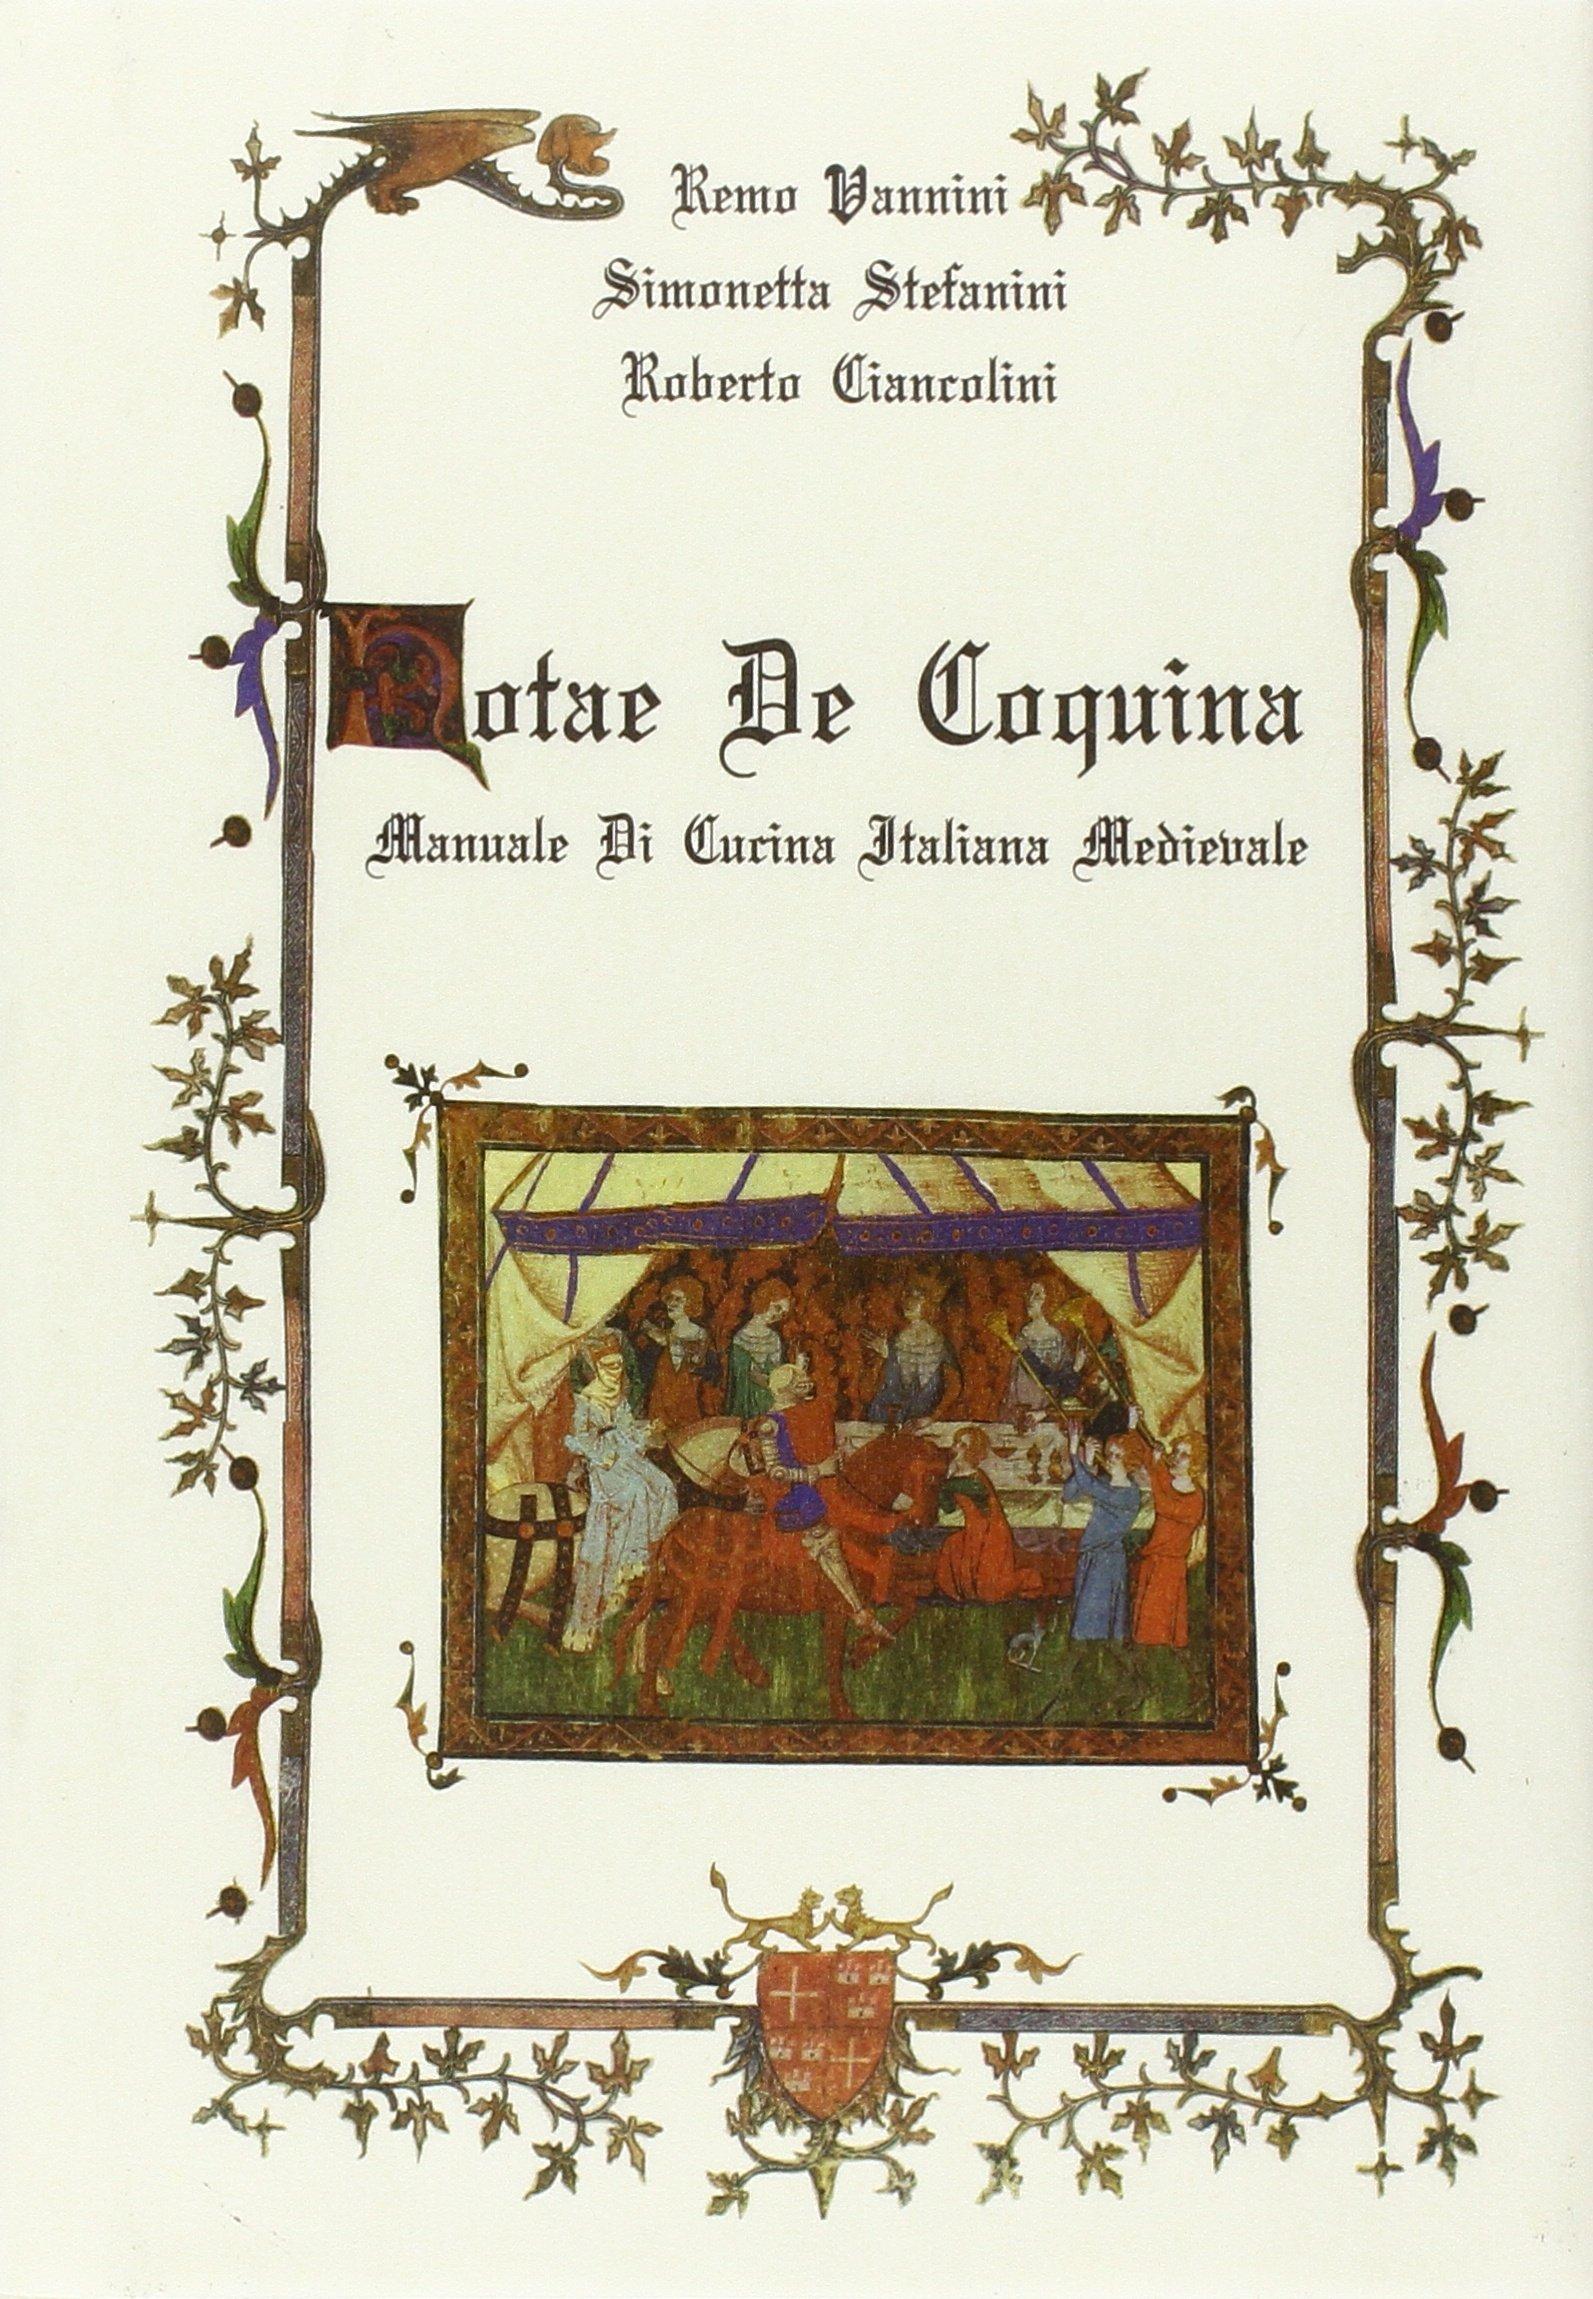 Notae de coquina manuale di cucina italiana medievale - Manuale di cucina professionale pdf ...